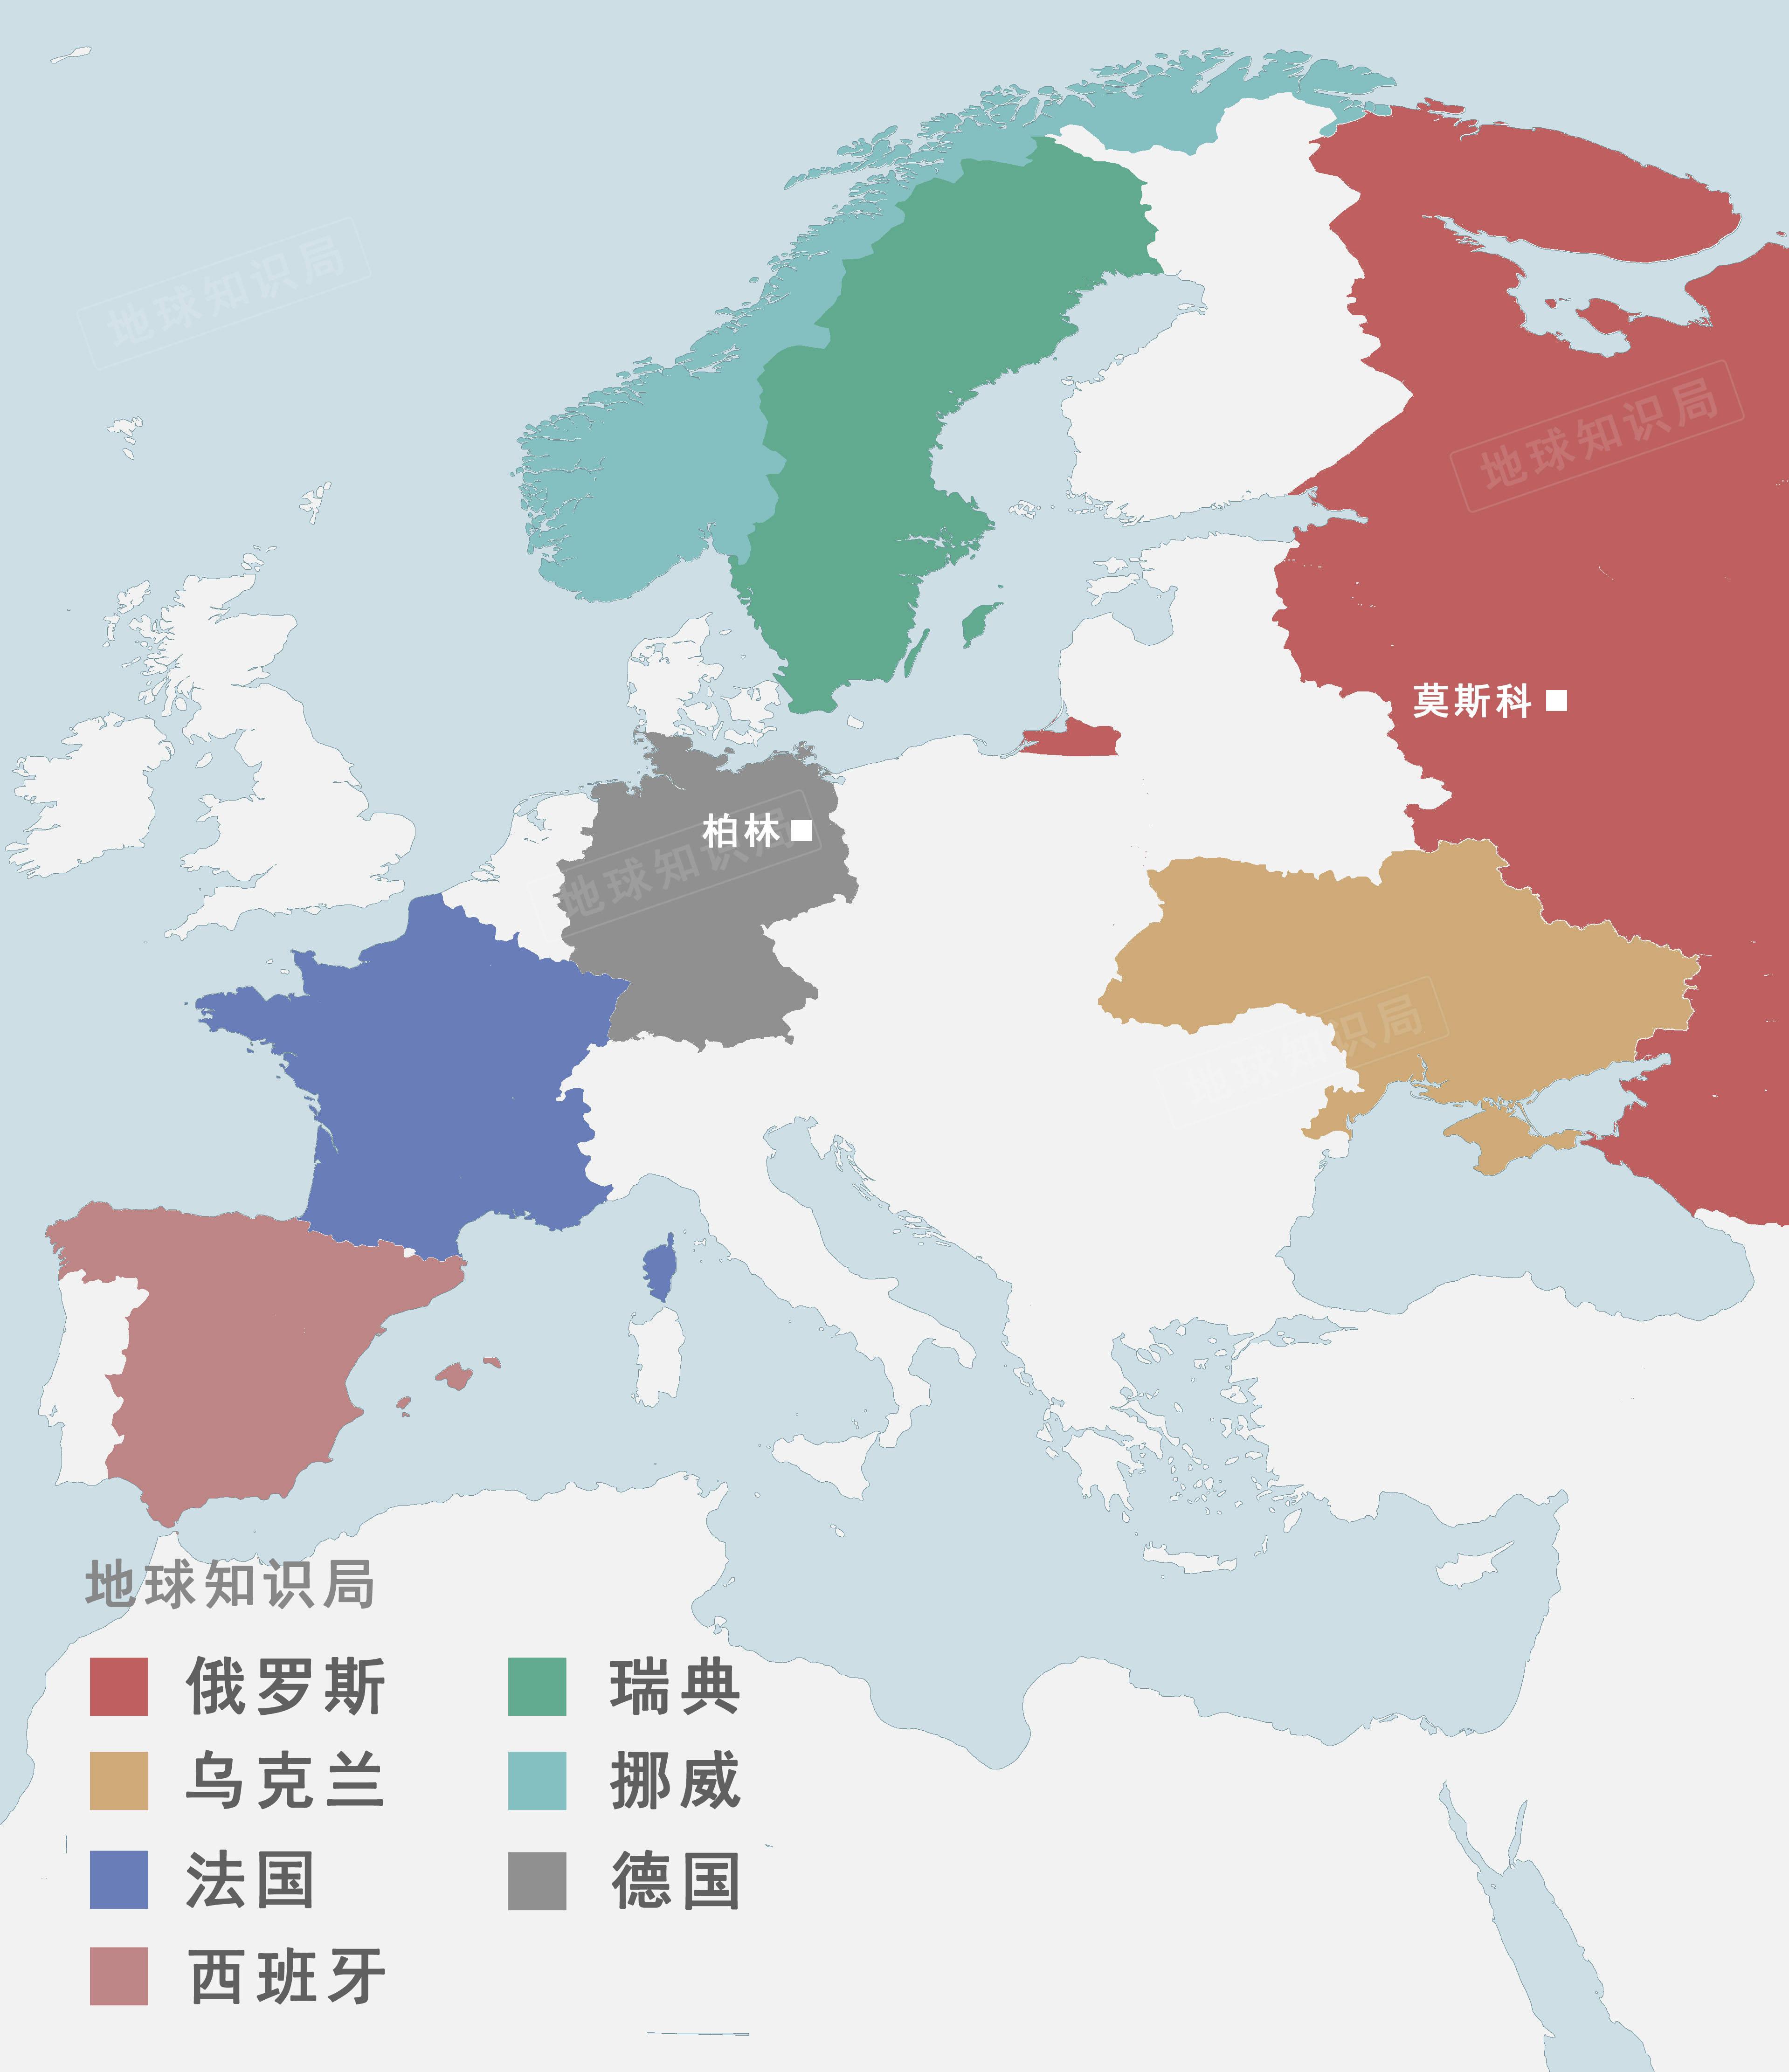 德国土地面积人口多少_德国人口自然增长率图